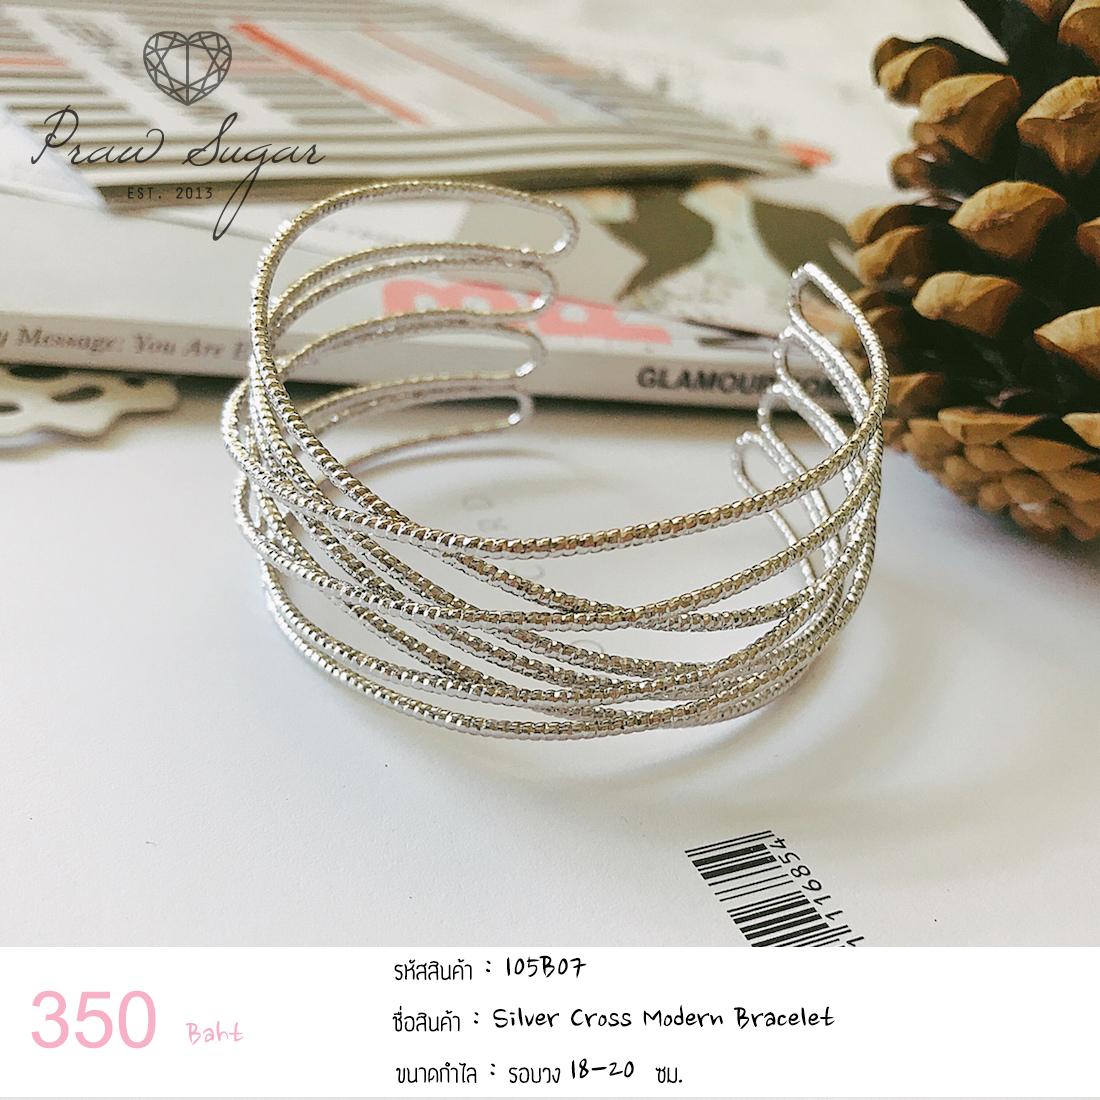 Silver Cross Modern Bracelet